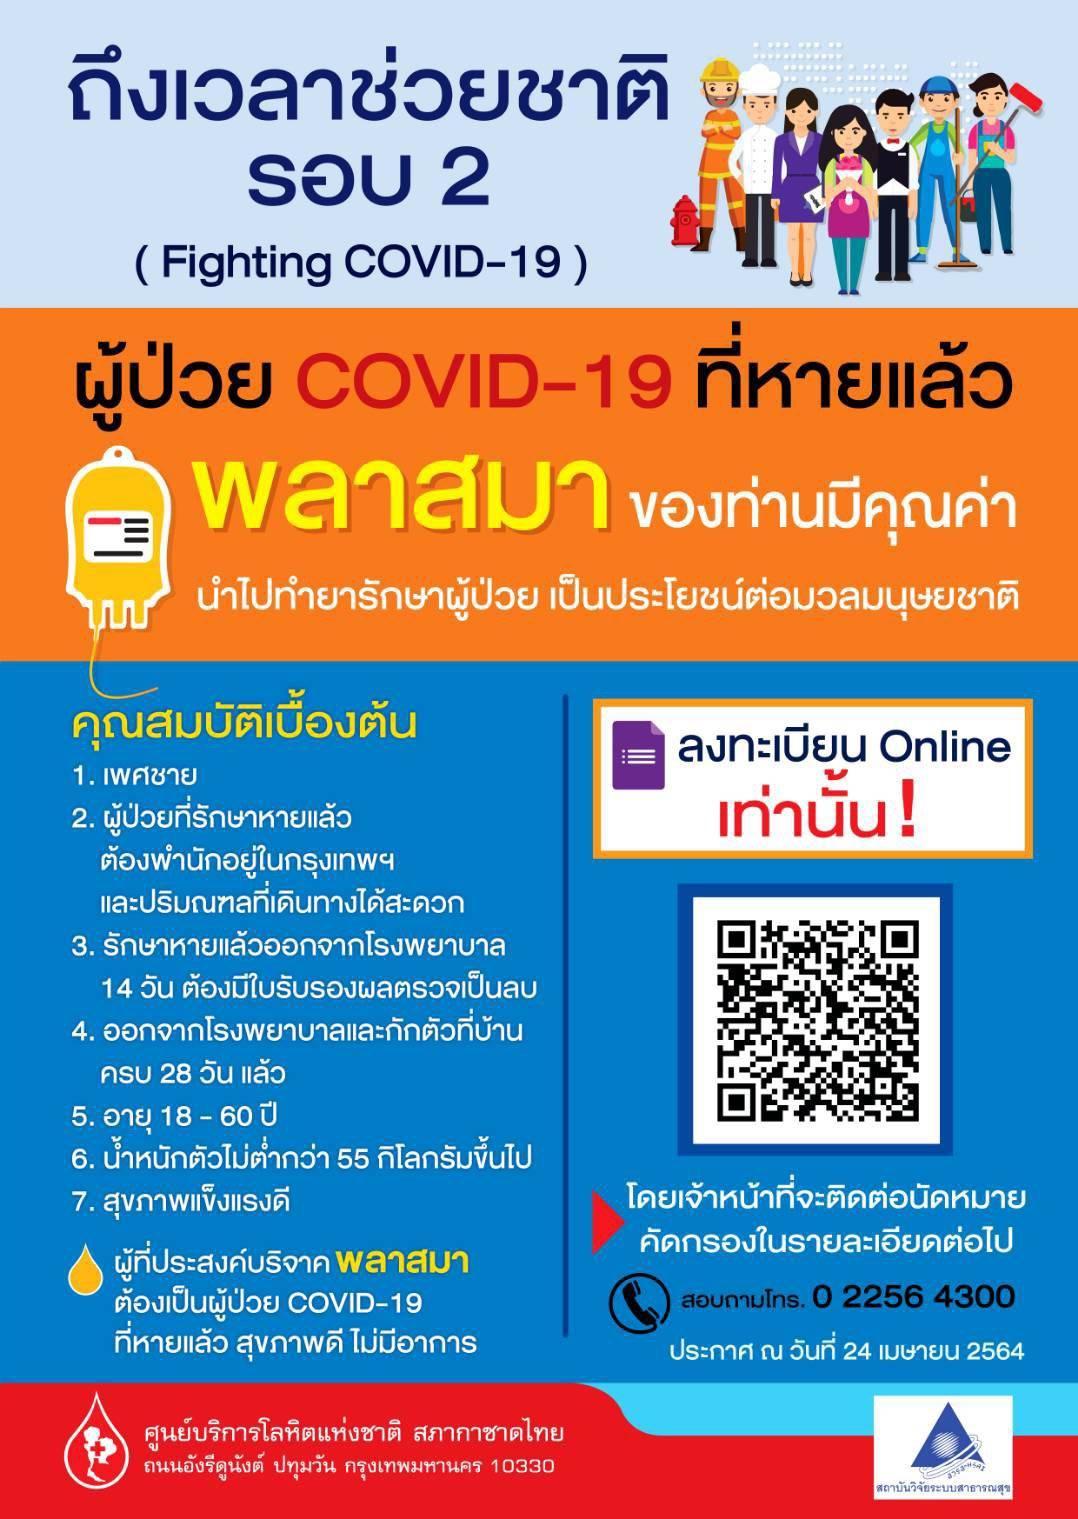 ถึงเวลาช่วยชาติ  รอบ 2 (Fighting COVID-19 )